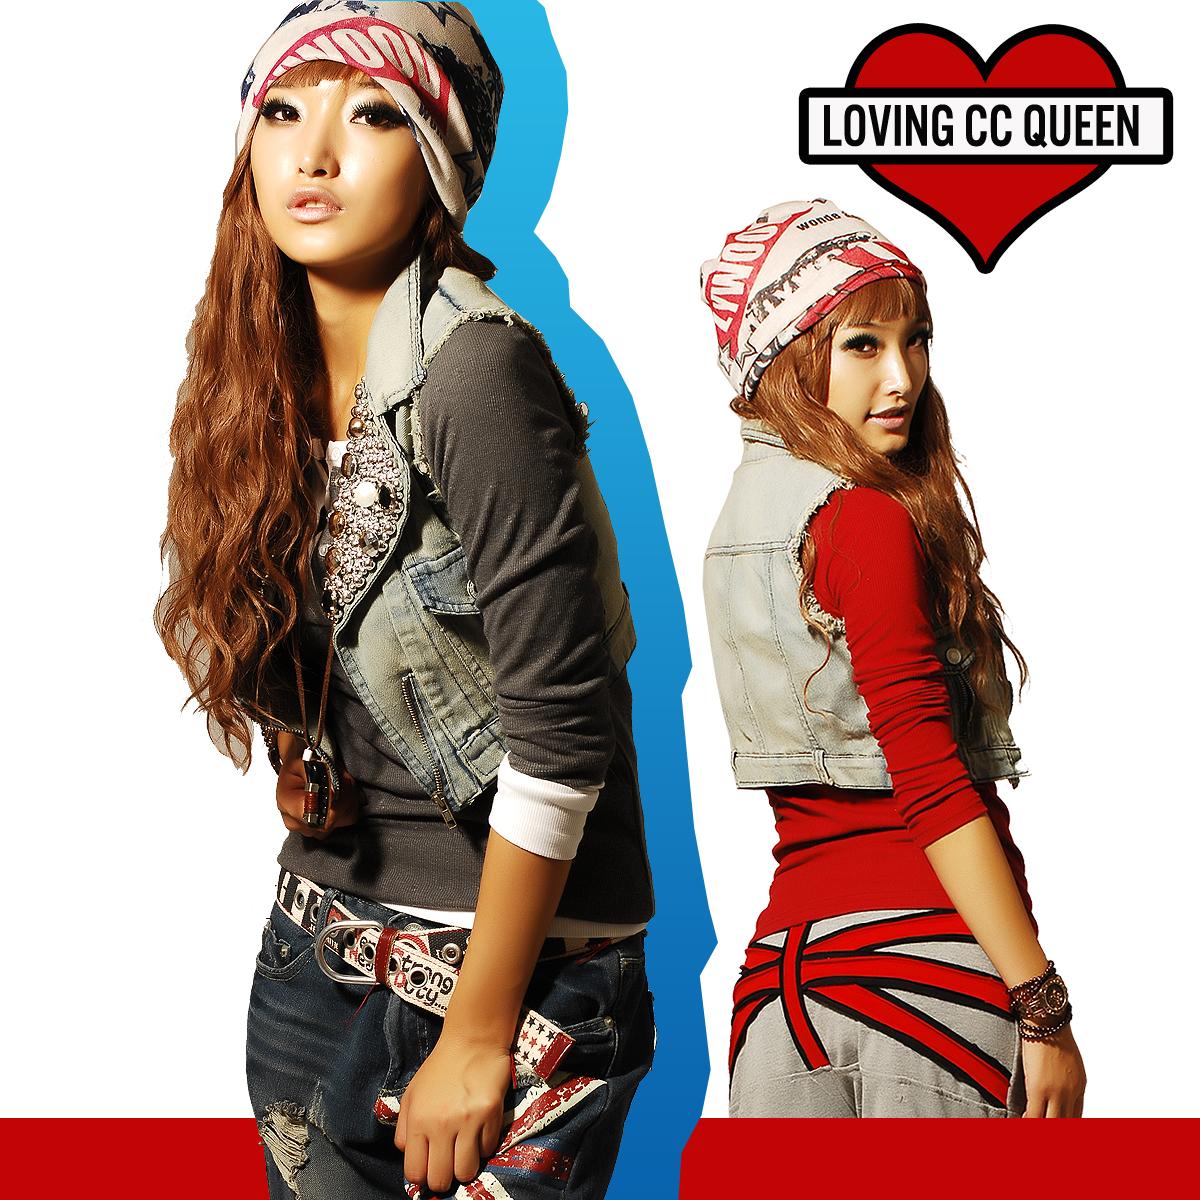 Женская жилетка   2012 CC B0017